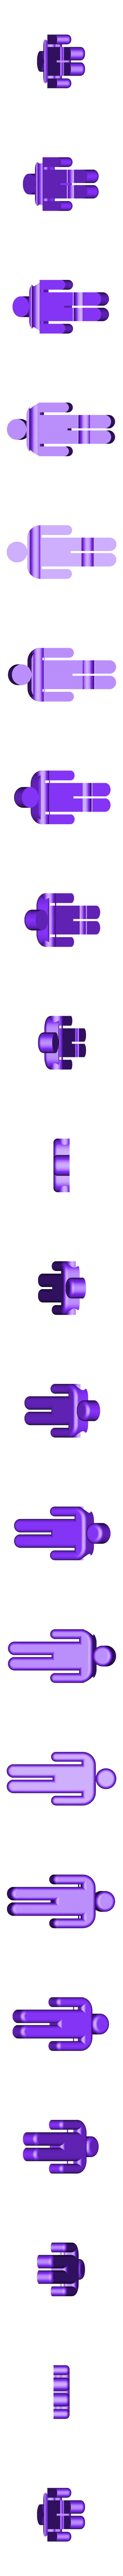 toilet_person_A.stl Télécharger fichier STL gratuit Échelle Peg Toy 3000: Codename Overkill • Modèle imprimable en 3D, ecoiras